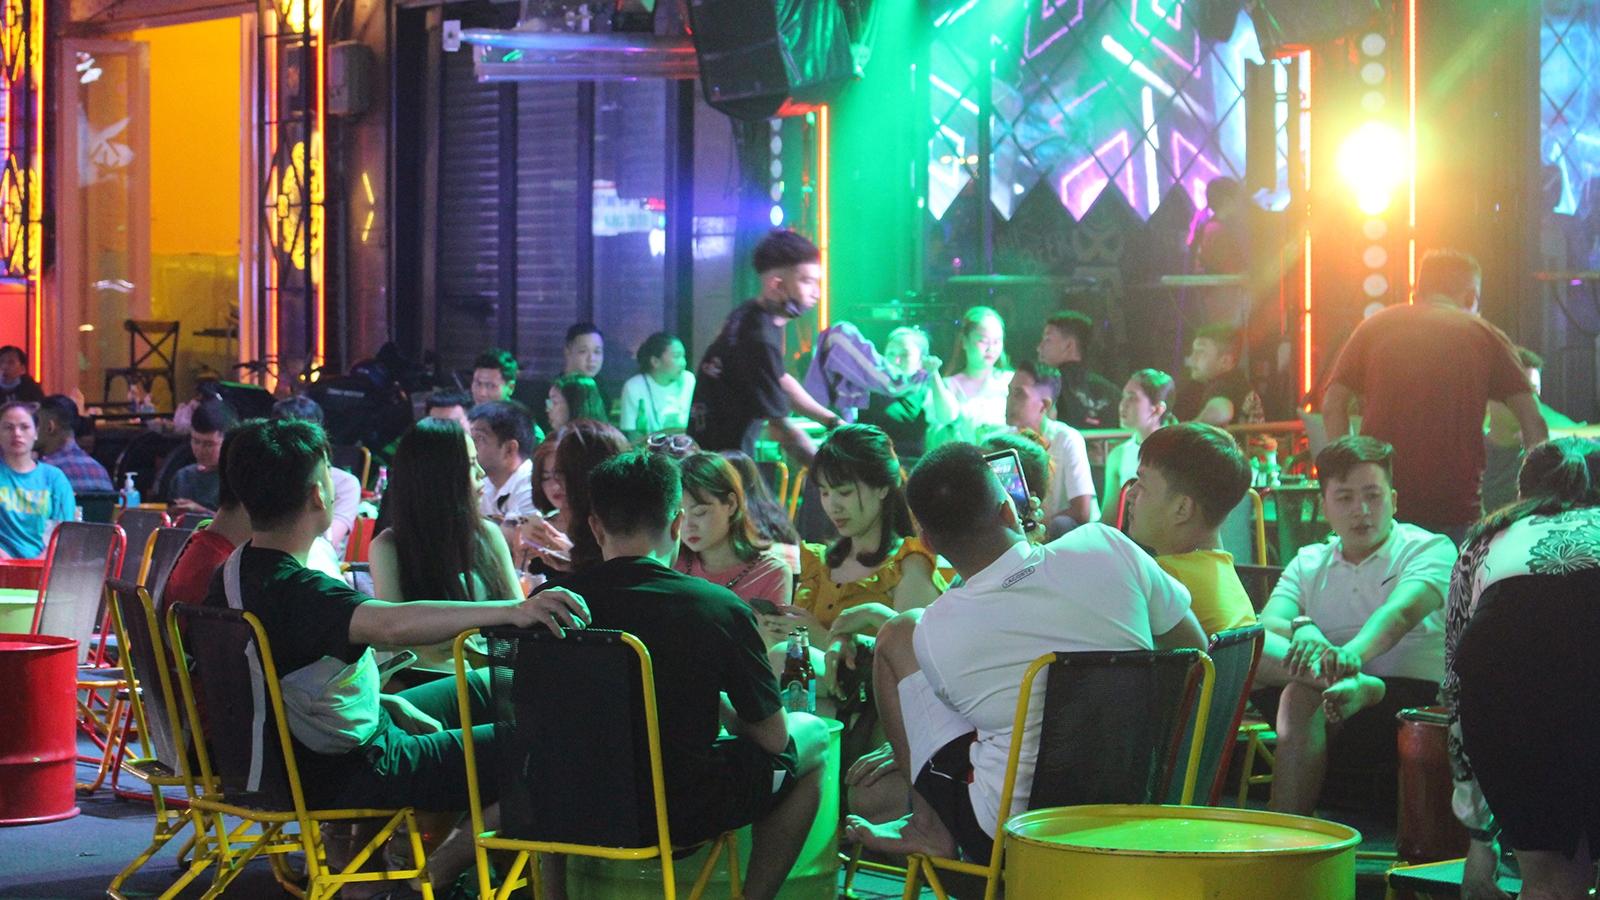 Quán bar, karaoke tại TPHCM nhộn nhịp sau khi hoạt động trở lại